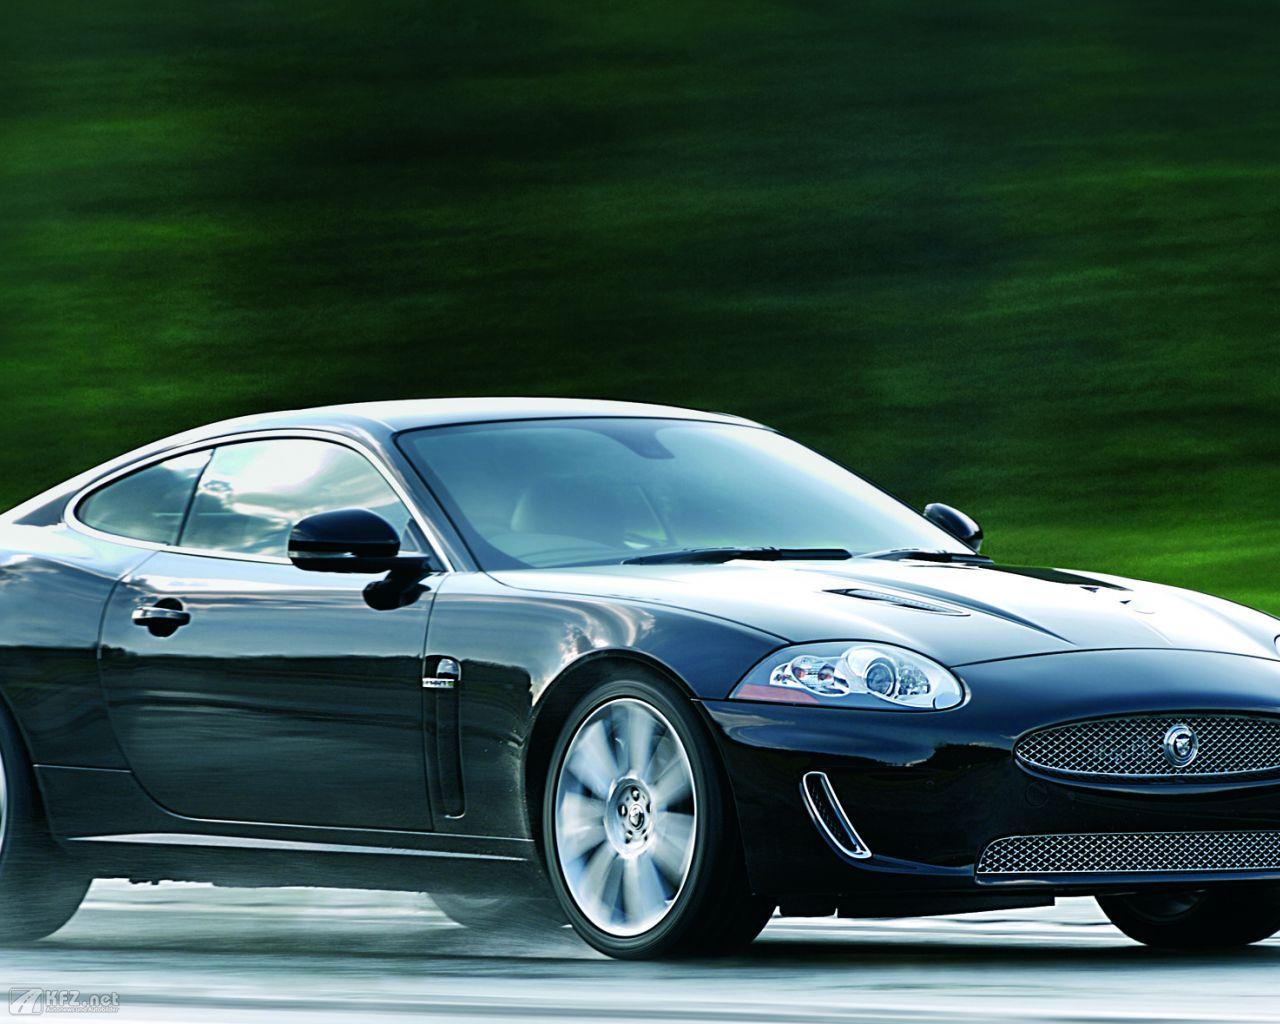 jaguar-xk8-1280x1024-8